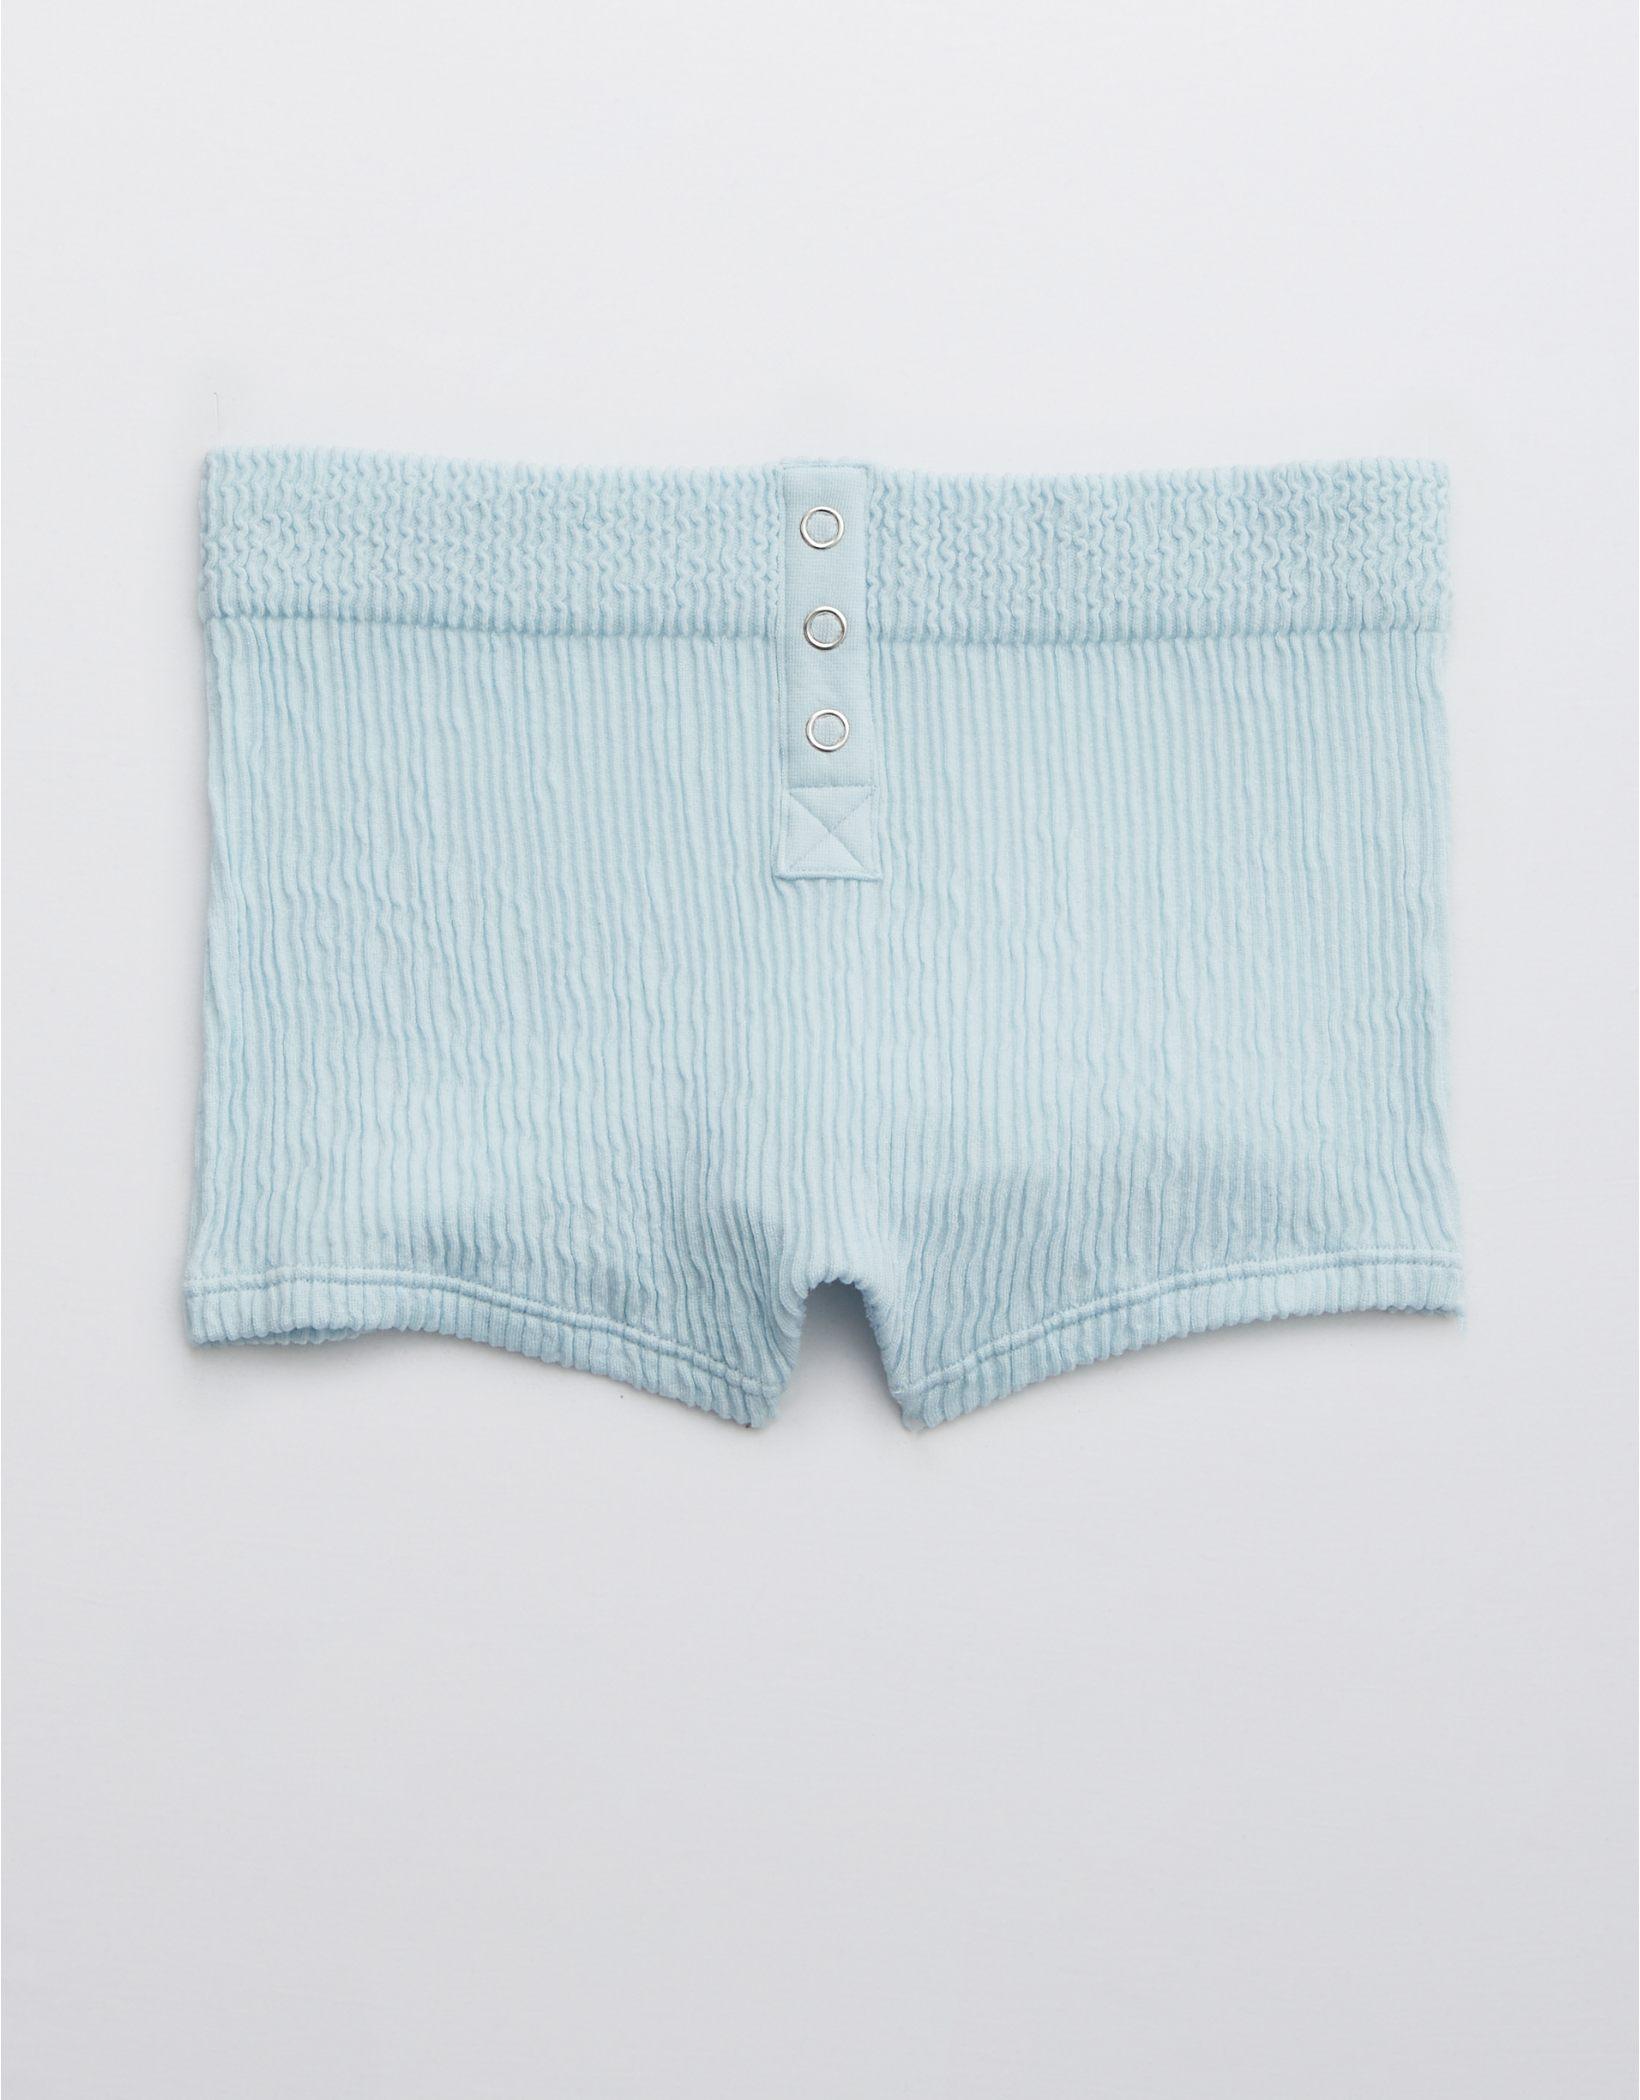 Aerie Seamless Snap Cheeky Boyshort Underwear